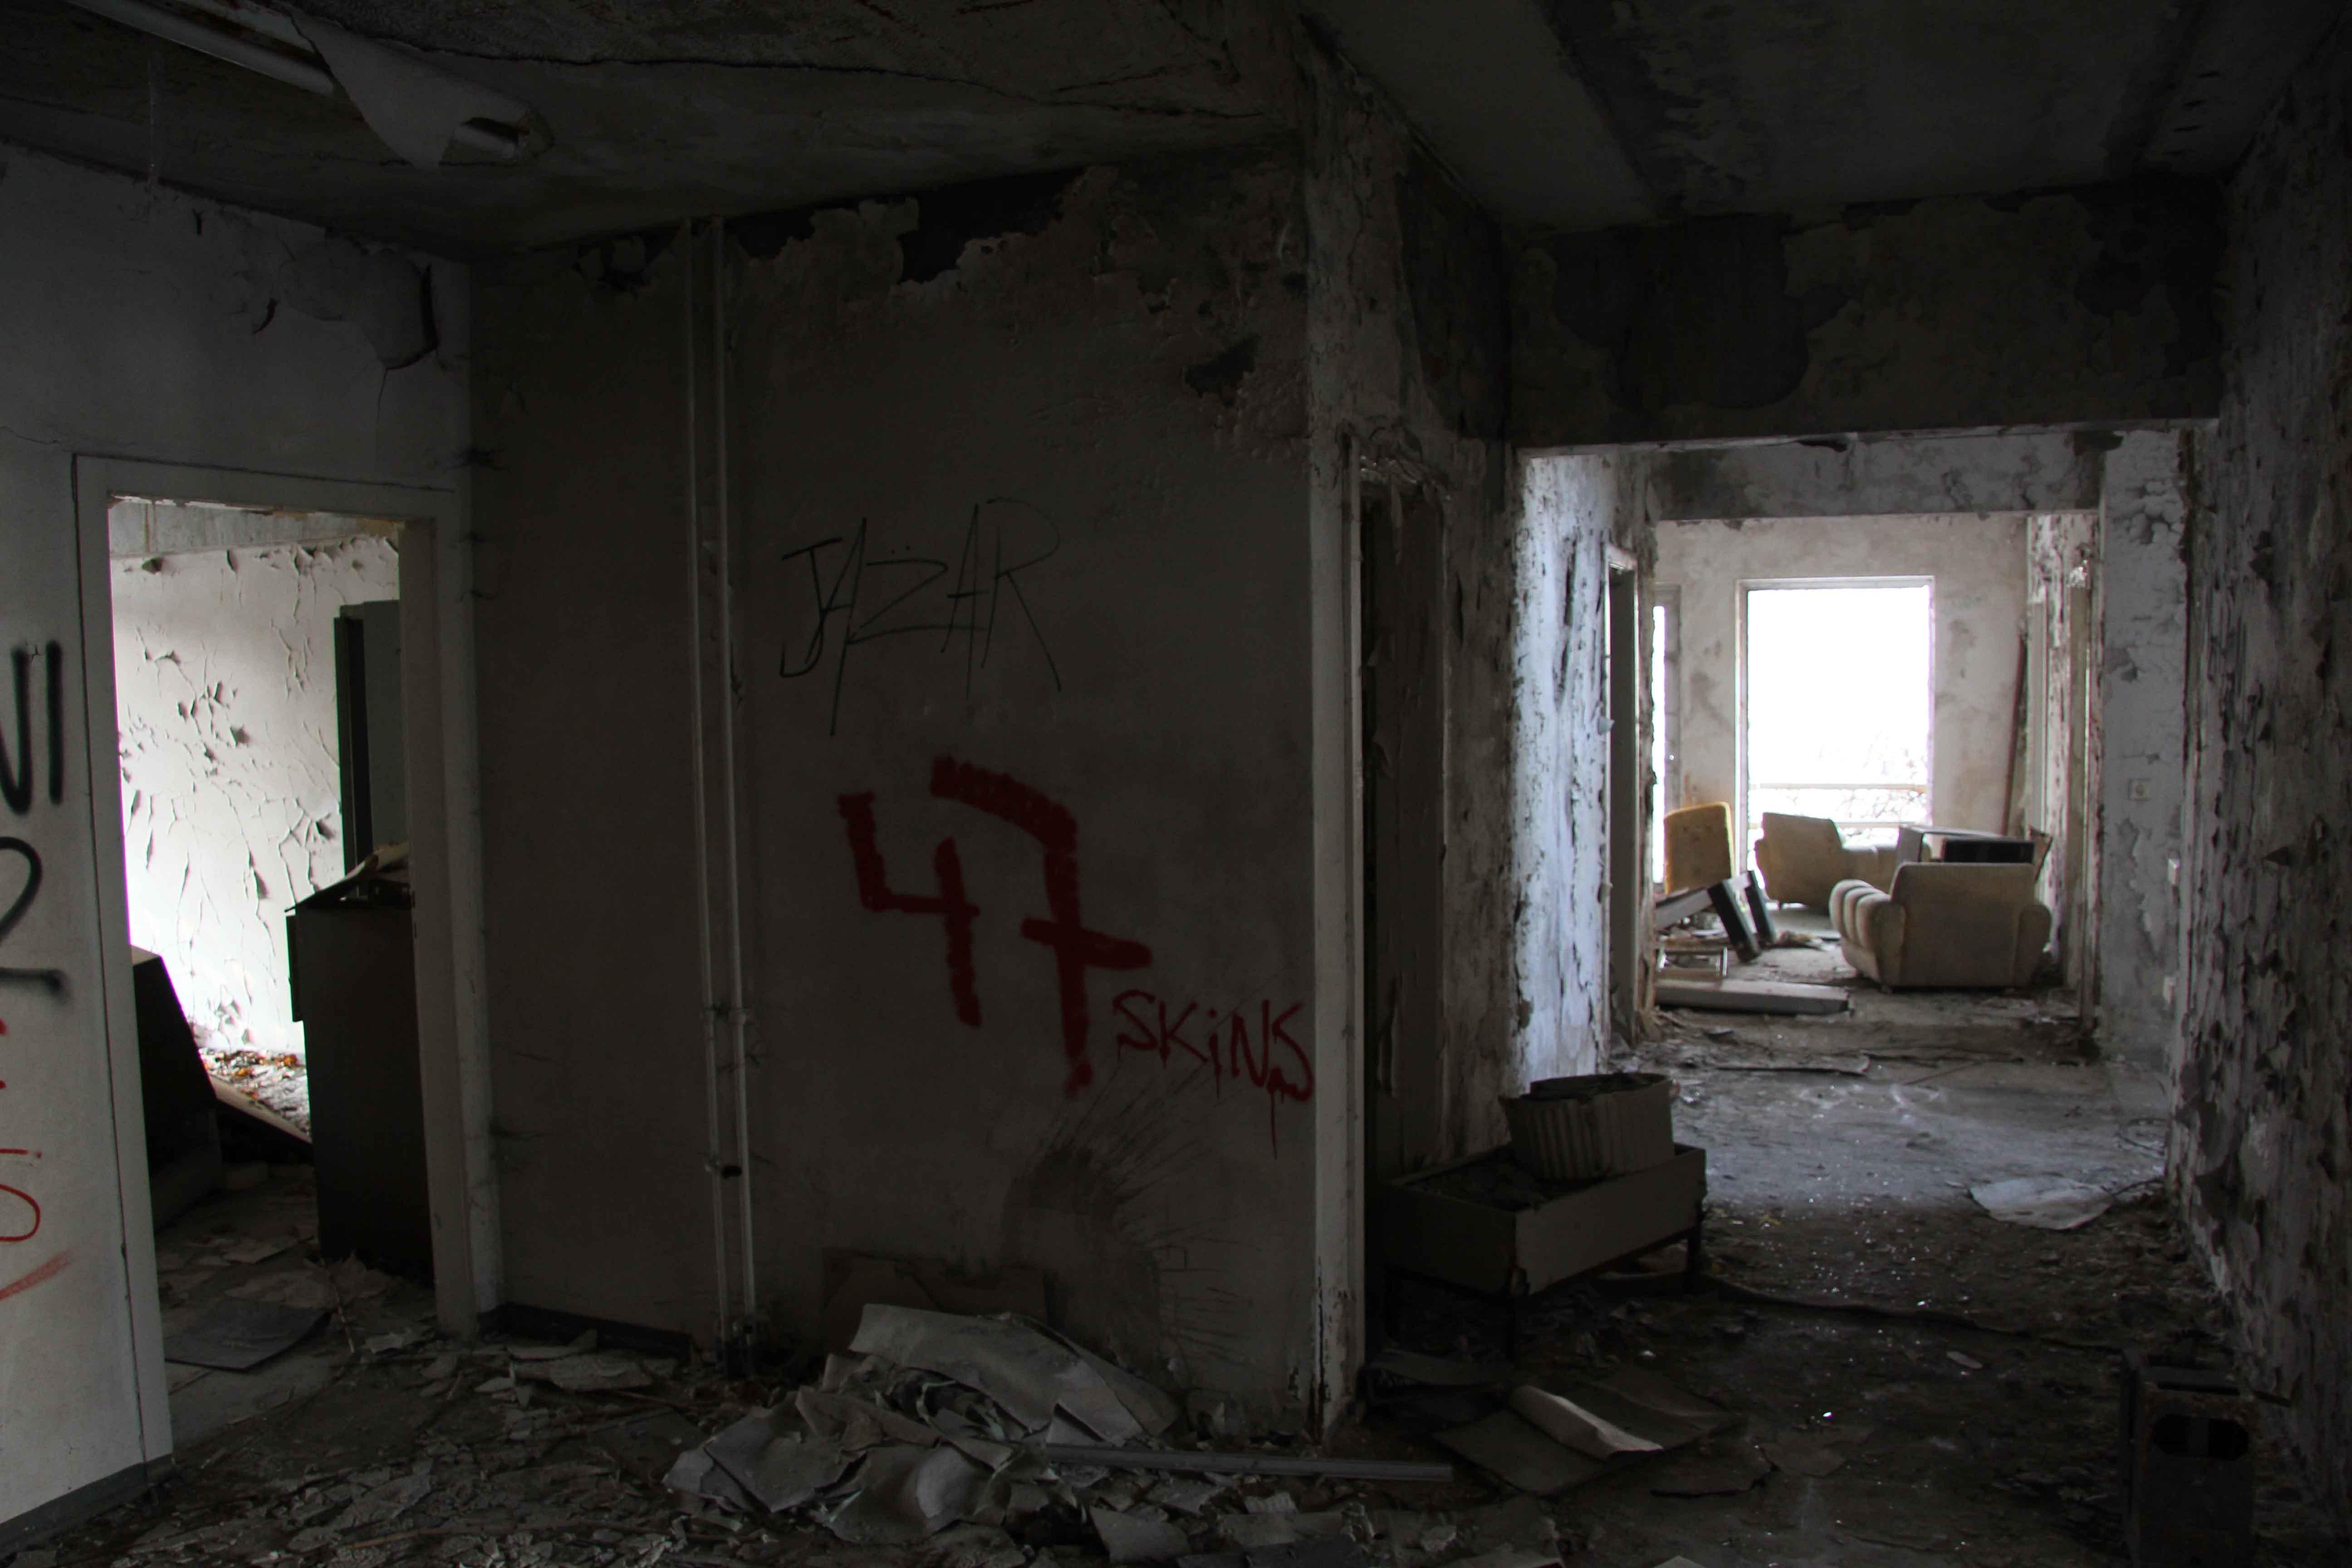 Dark Corridor and Furniture - Abandoned Iraqi Embassy Berlin - Die Verlassene Irakische Botschaft